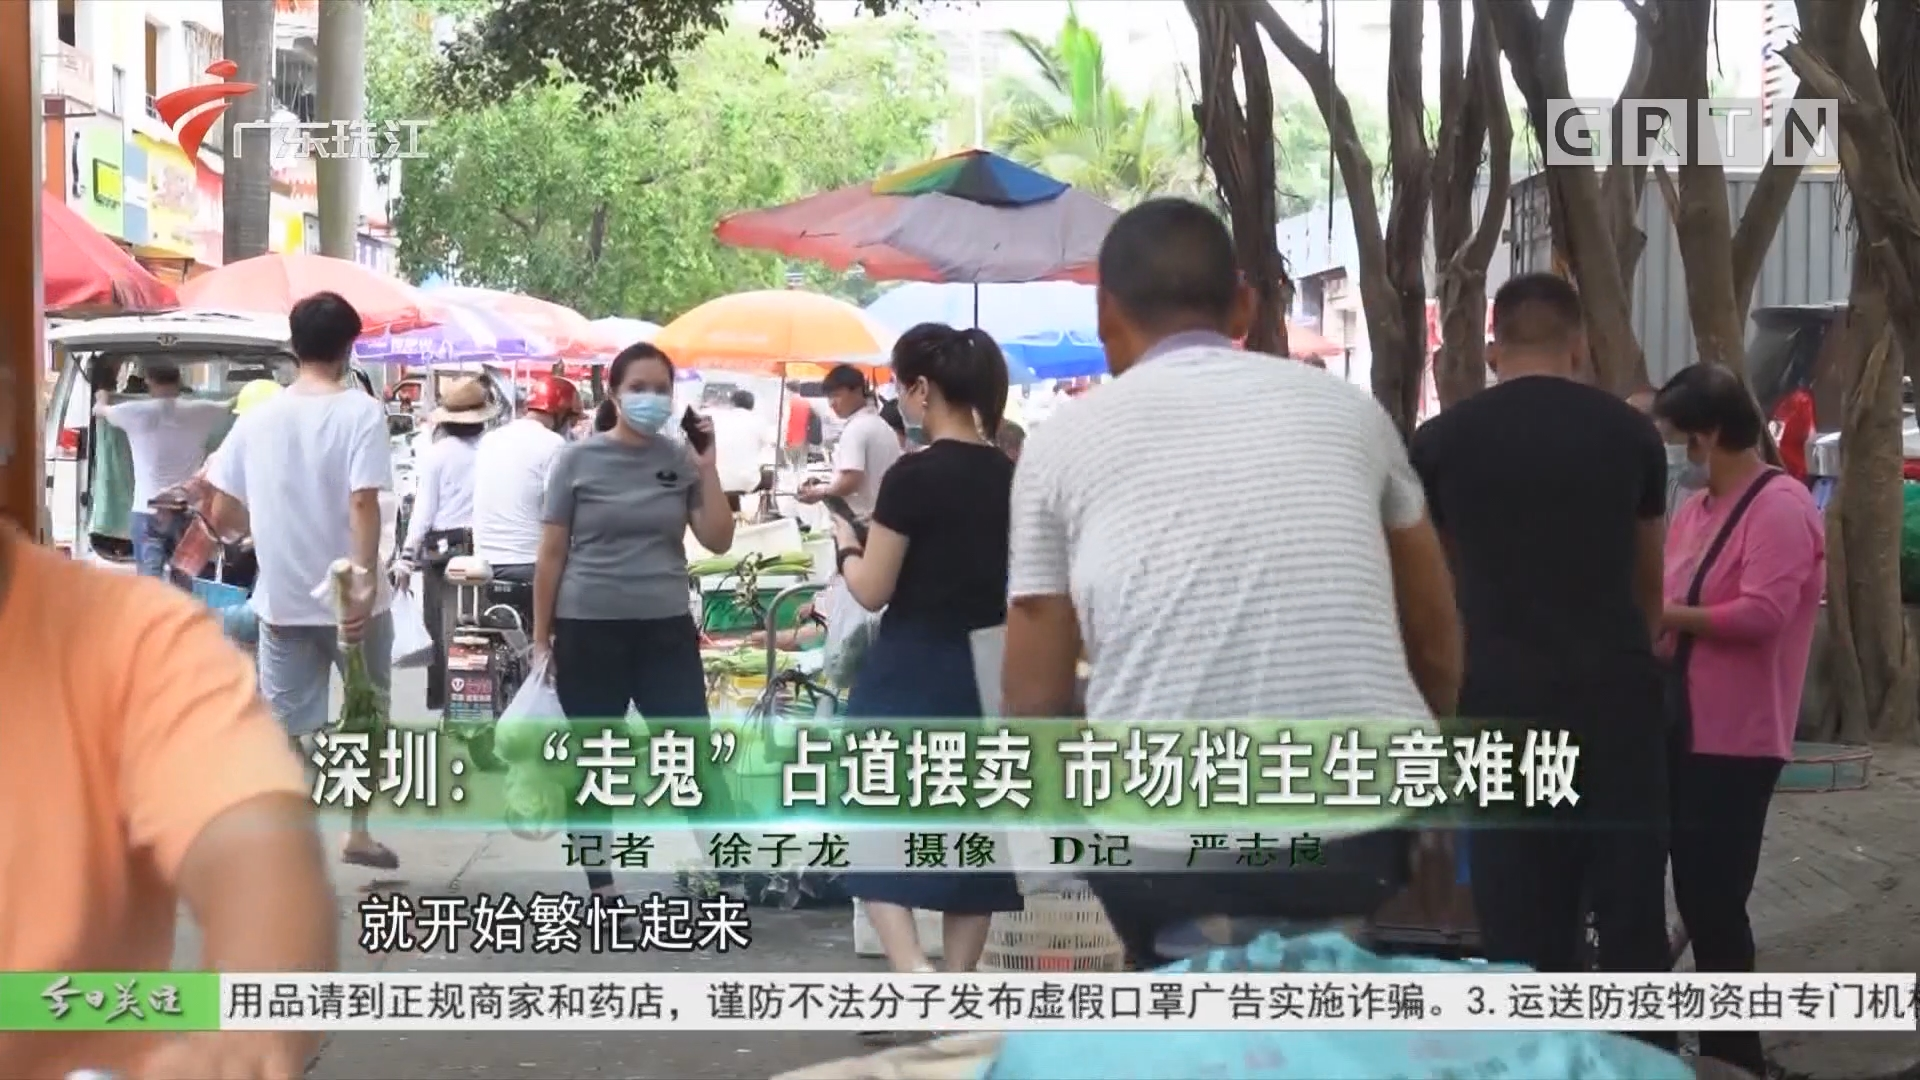 """深圳:""""走鬼""""占道摆卖 市场档主生意难做"""